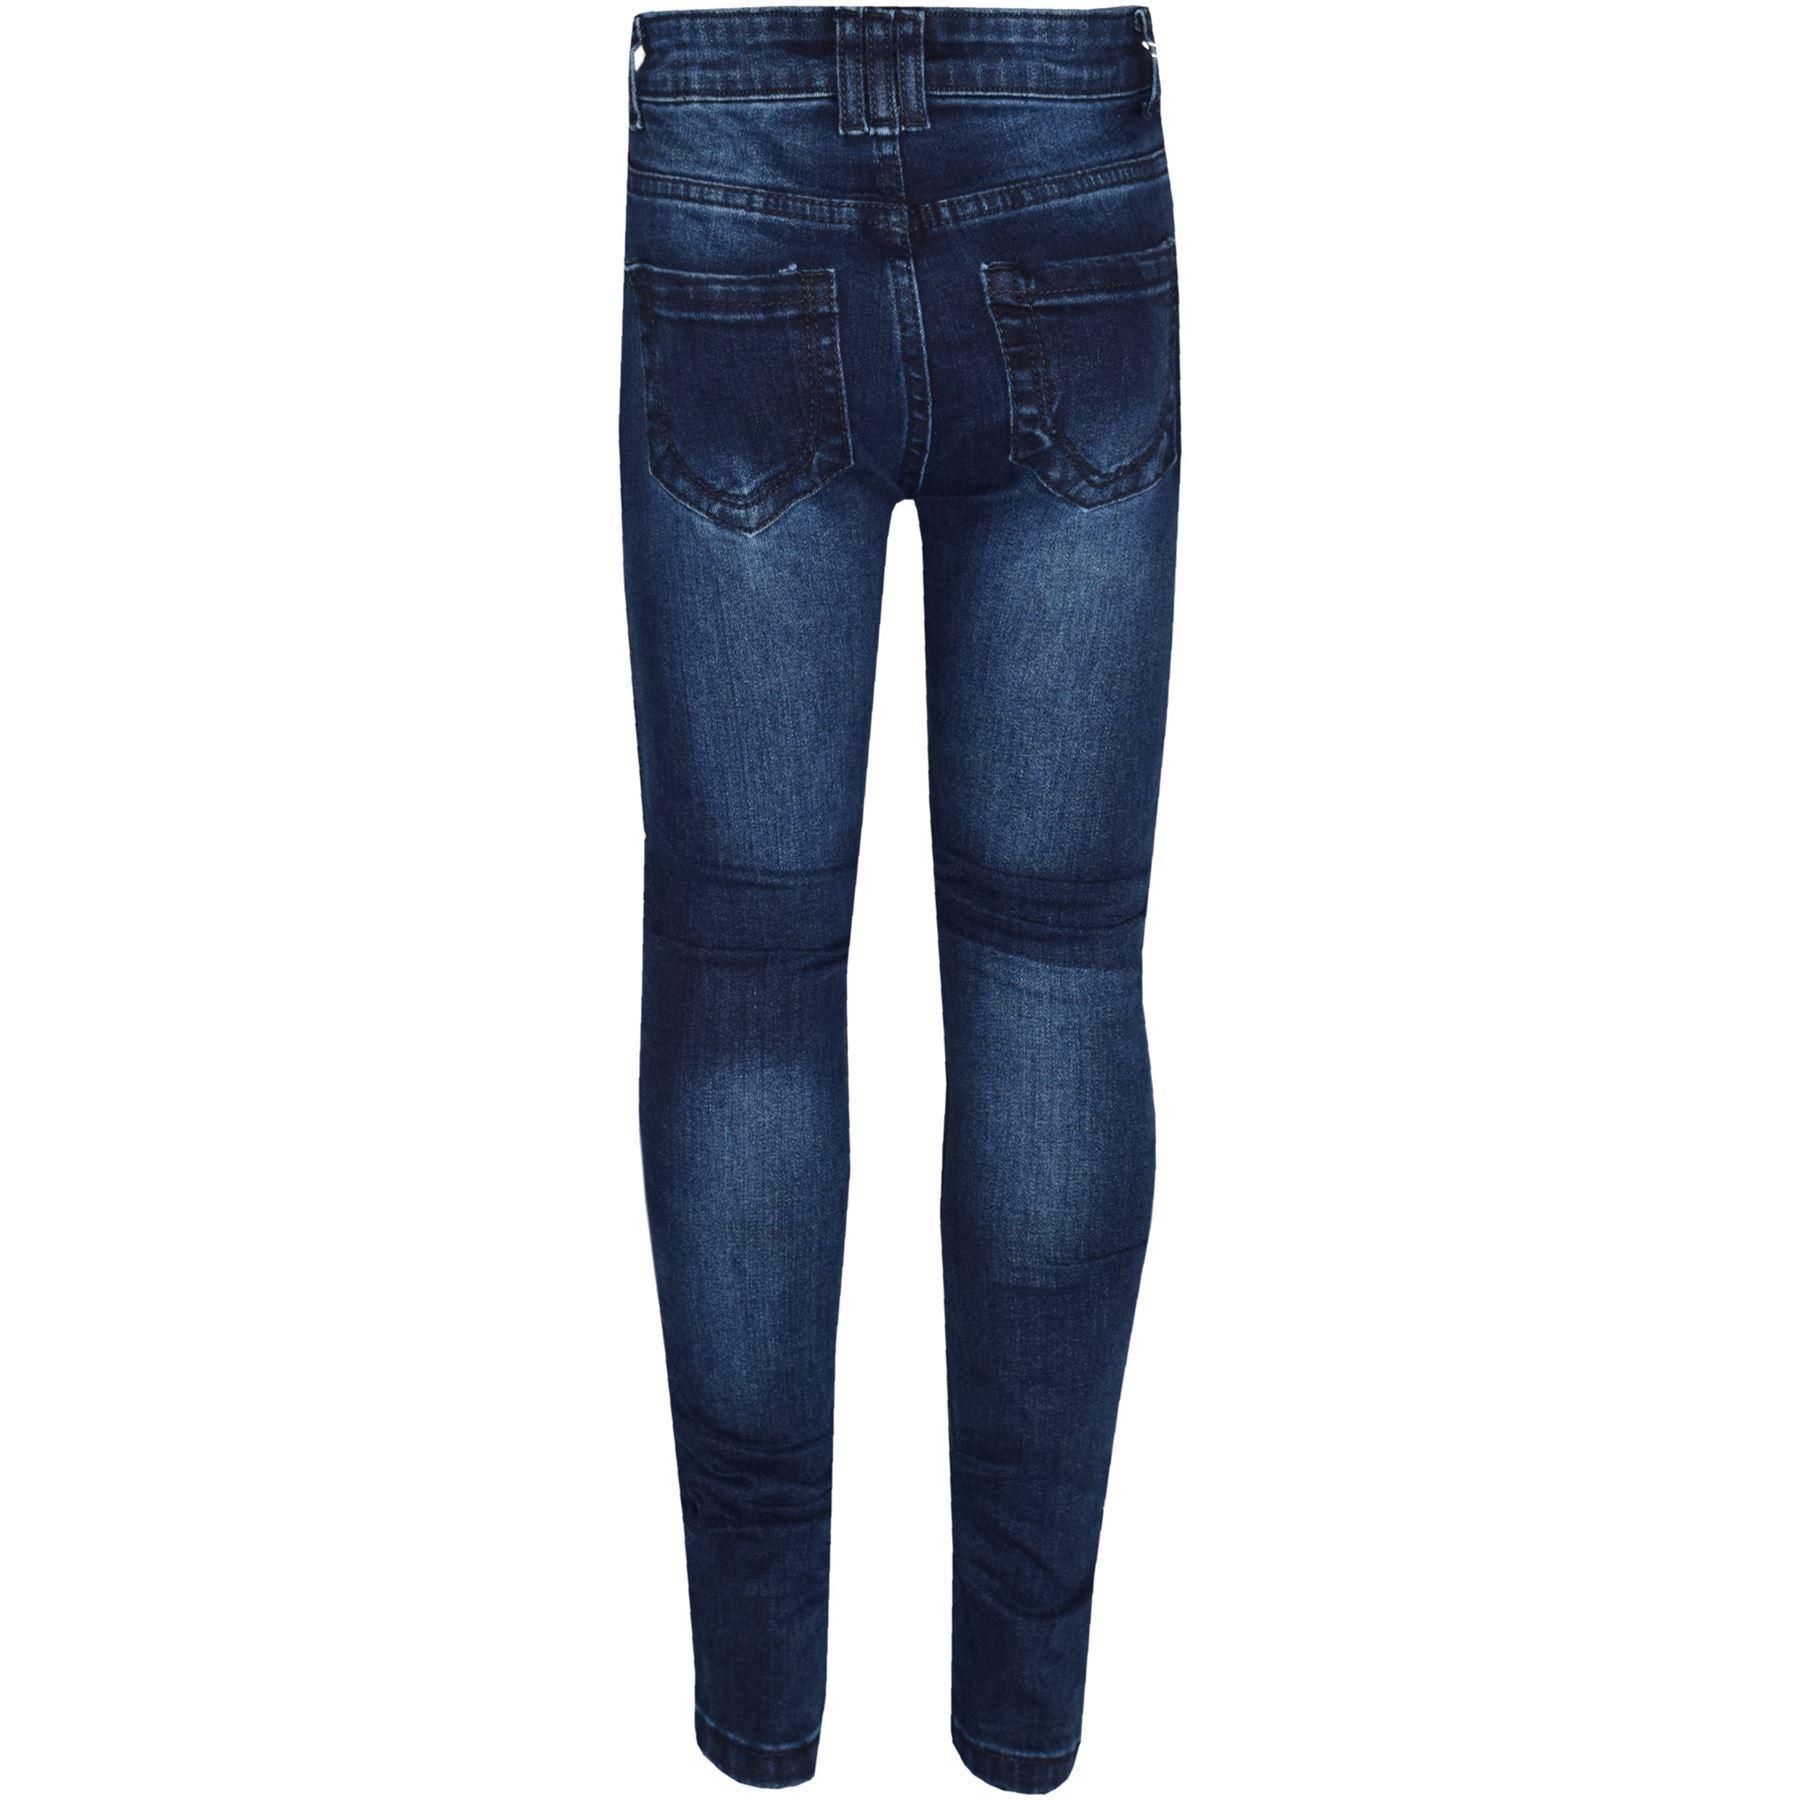 9886e402766 Niño Vaqueros Elásticos Azul Oscuro Denim Roto Pantalones Pitillos 5 ...